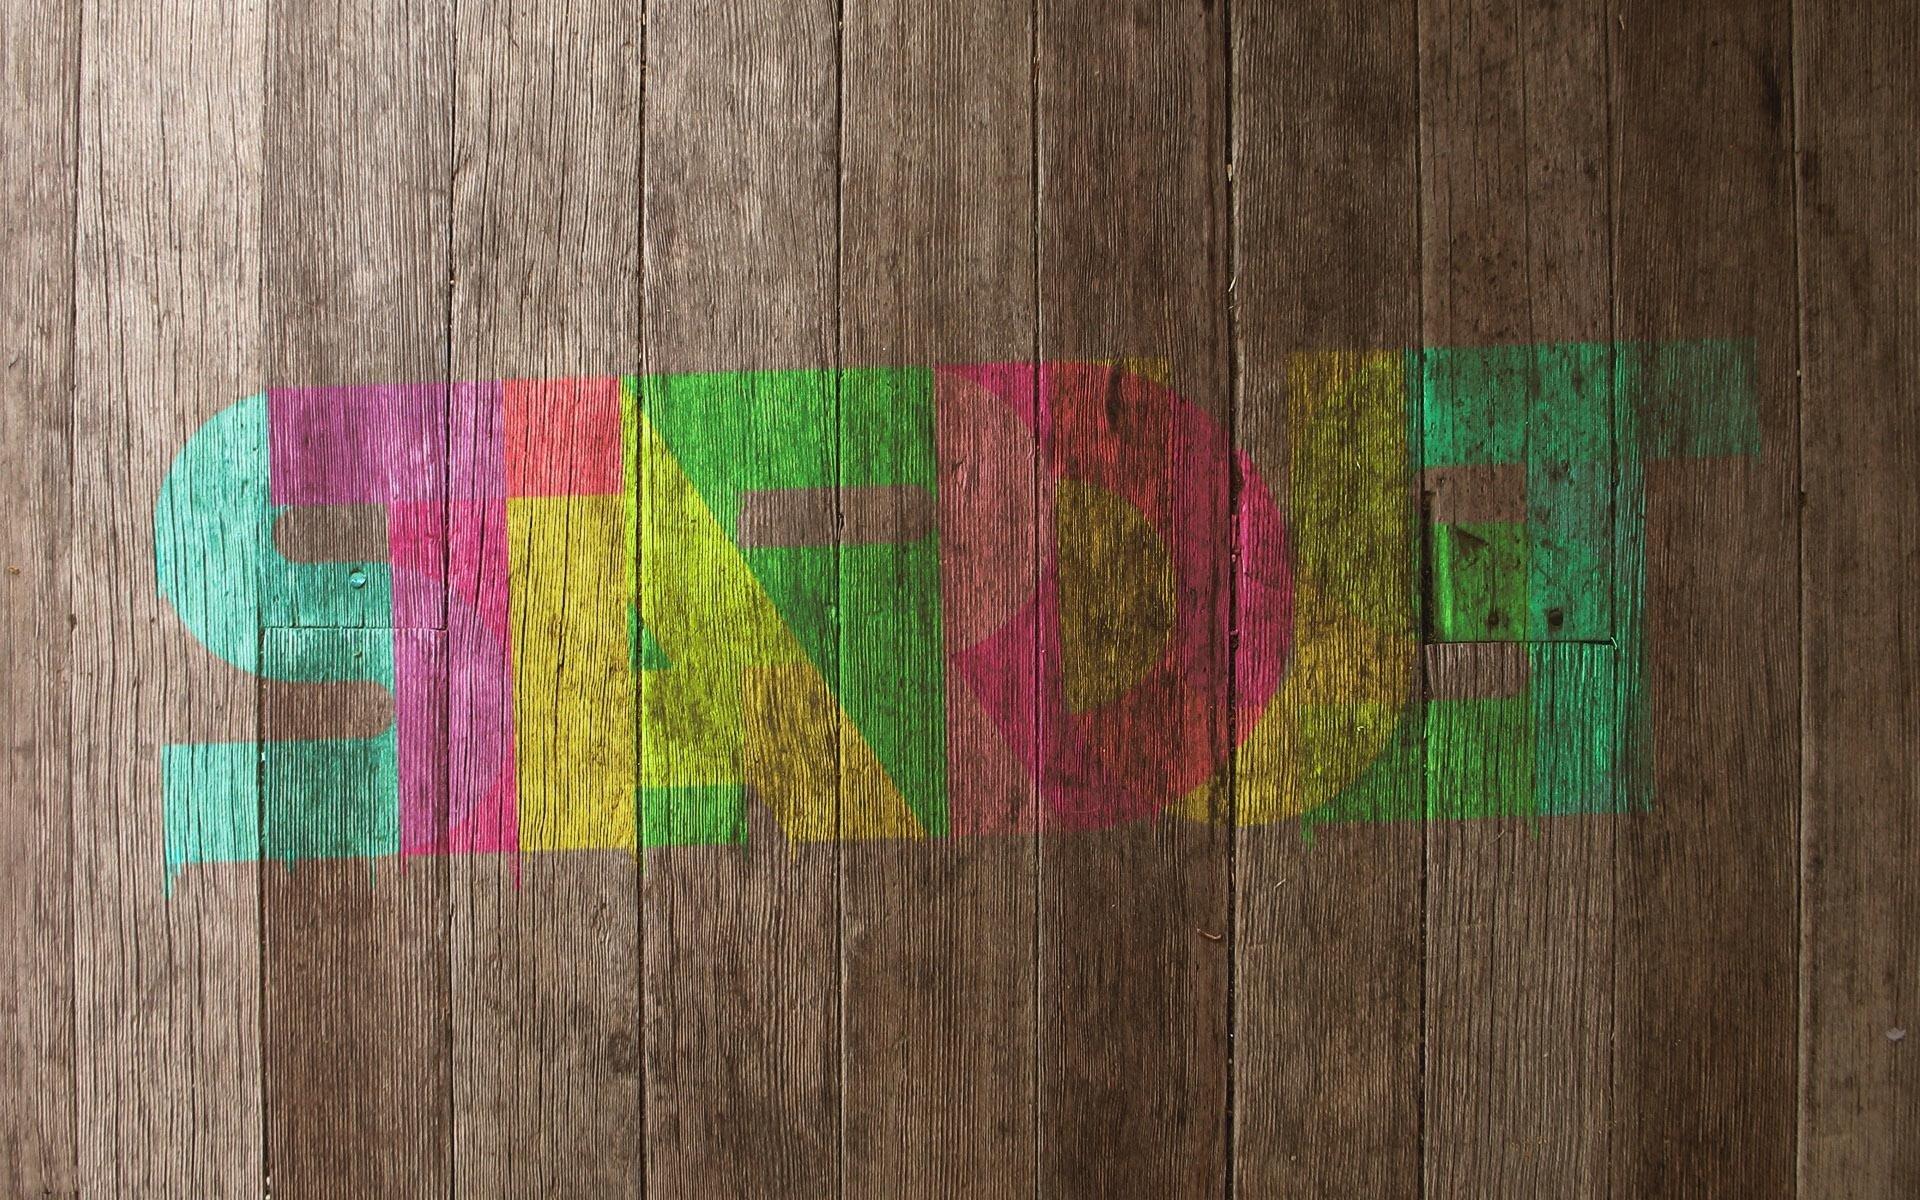 Картинки с разноцветными надписями